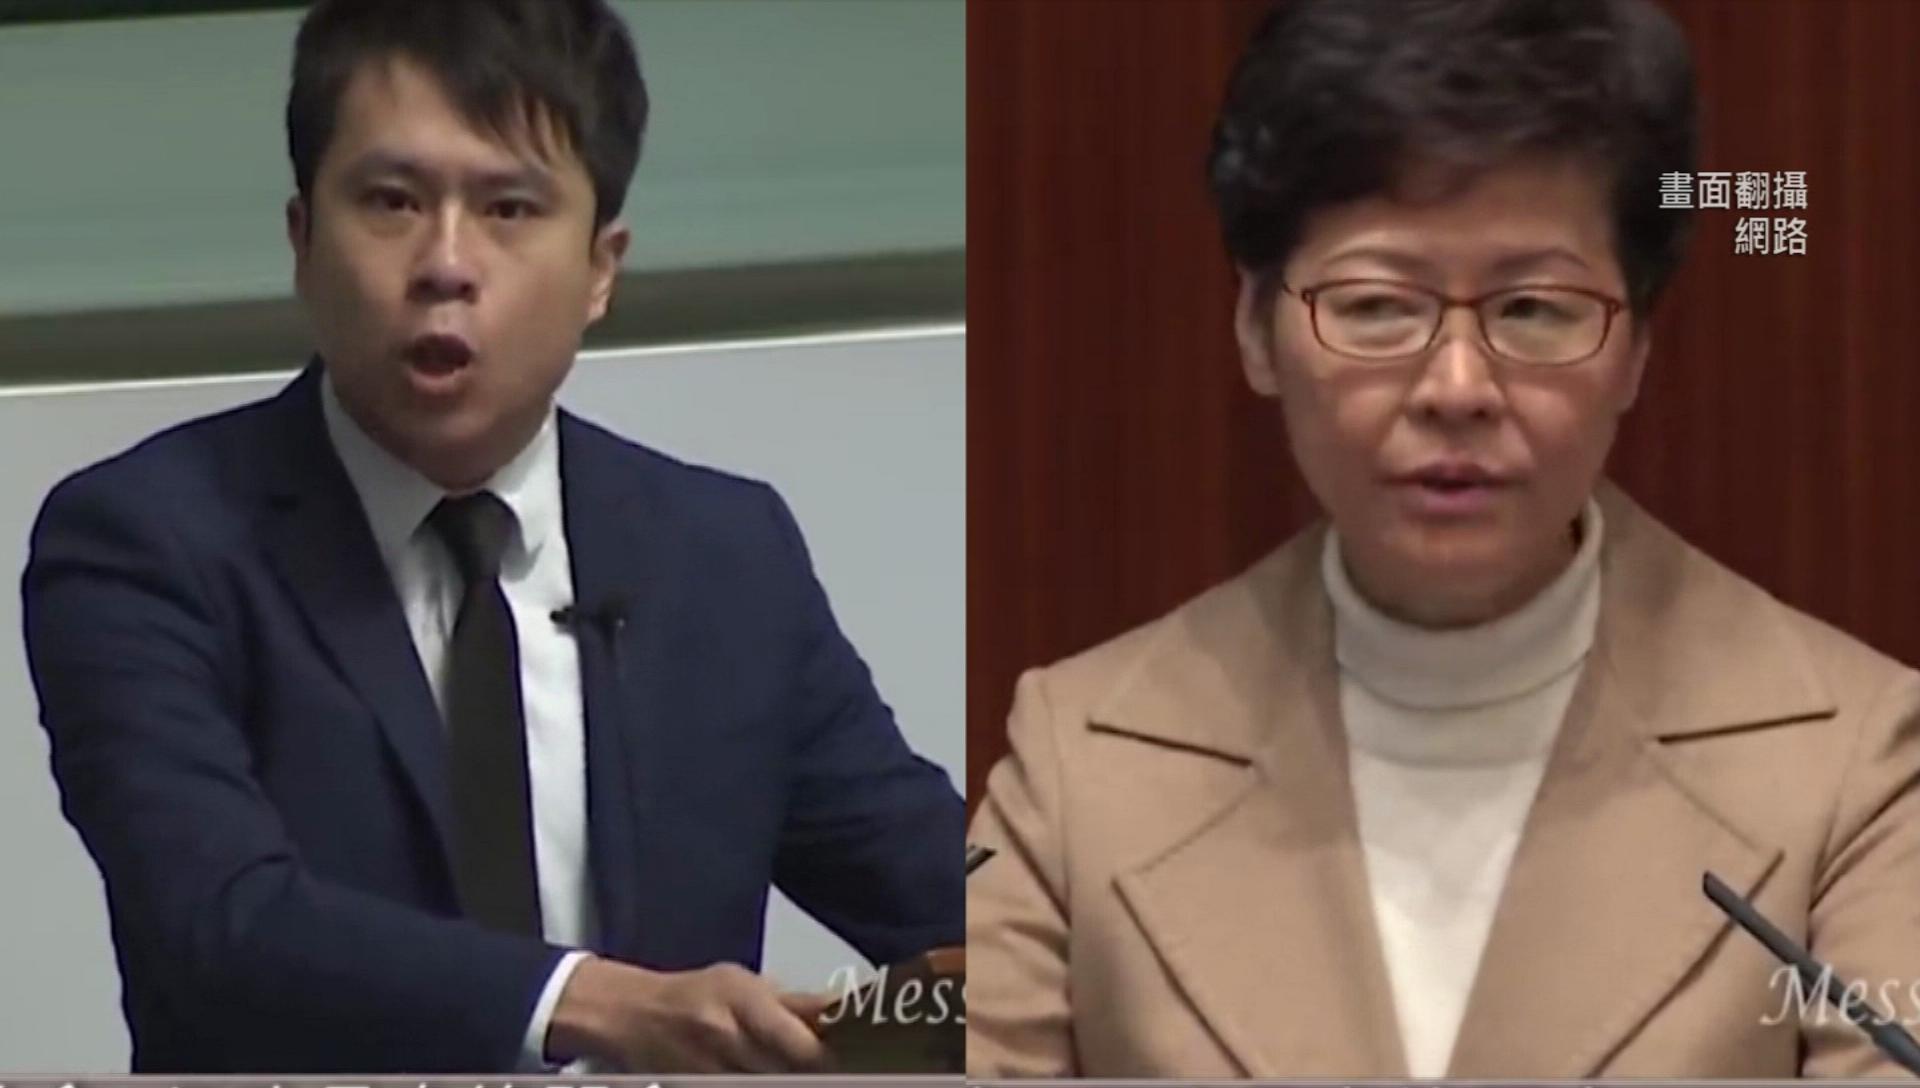 支持47%vs不支持38% 香港挺「台獨」首勝反對